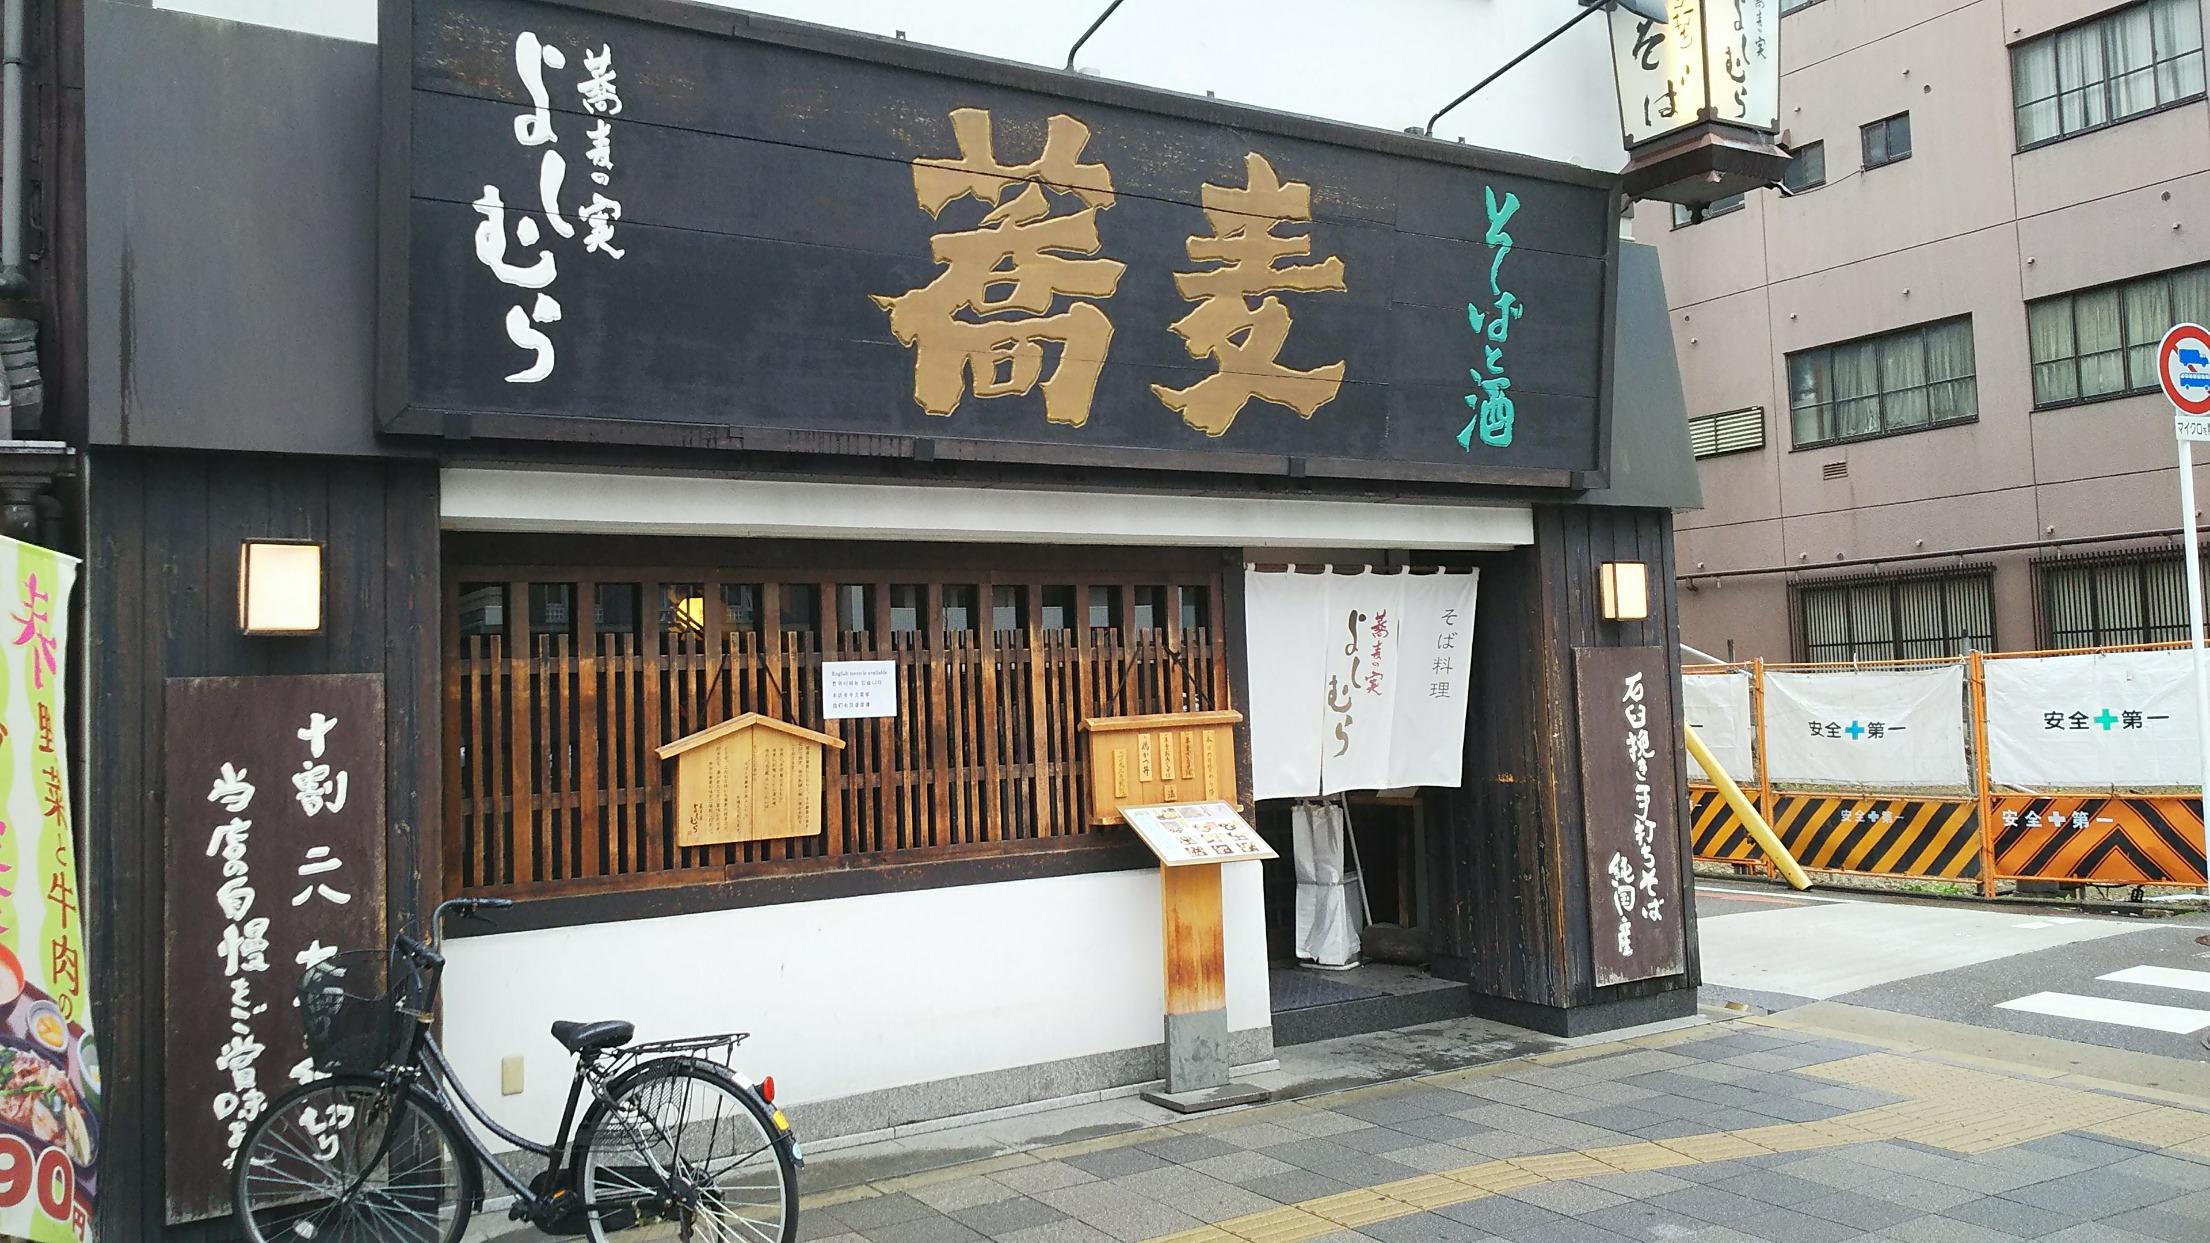 蕎麦工房 蕎麦の実 よしむら(京都市/そば屋)